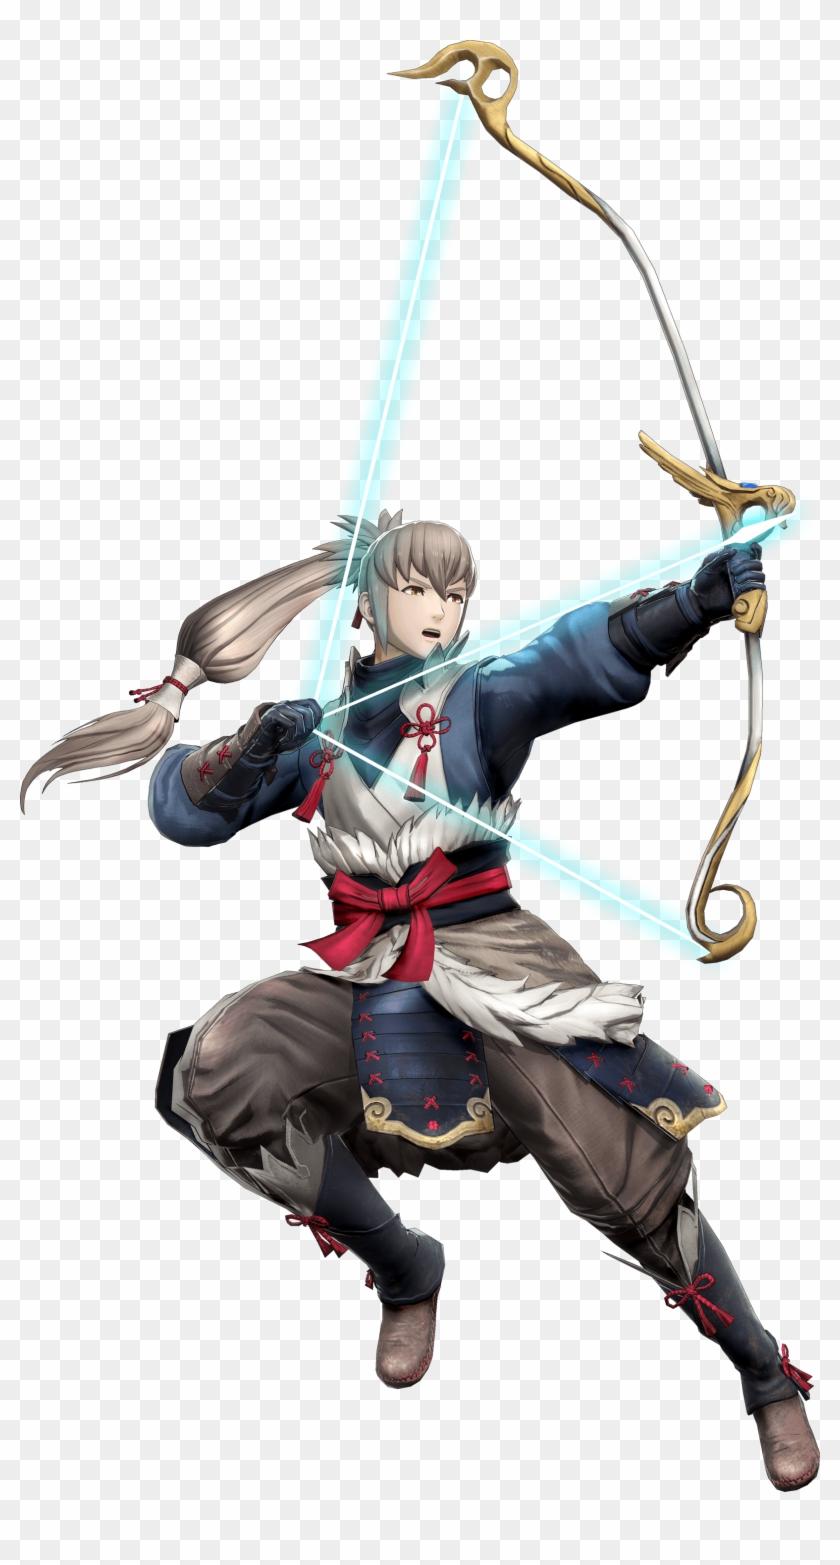 Takumi - Fire Emblem Warriors Takumi Clipart #4072127